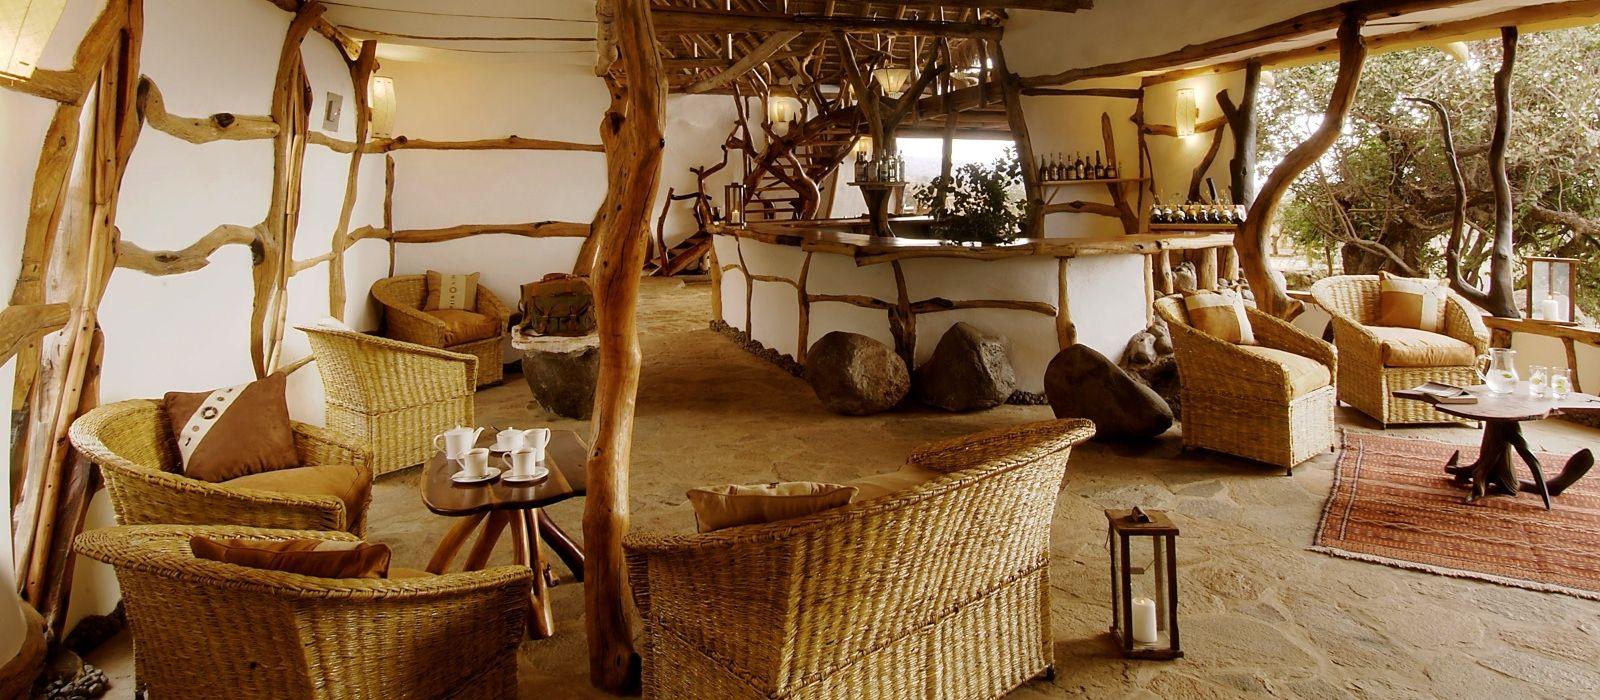 Hotel Satao Elerai Kenia